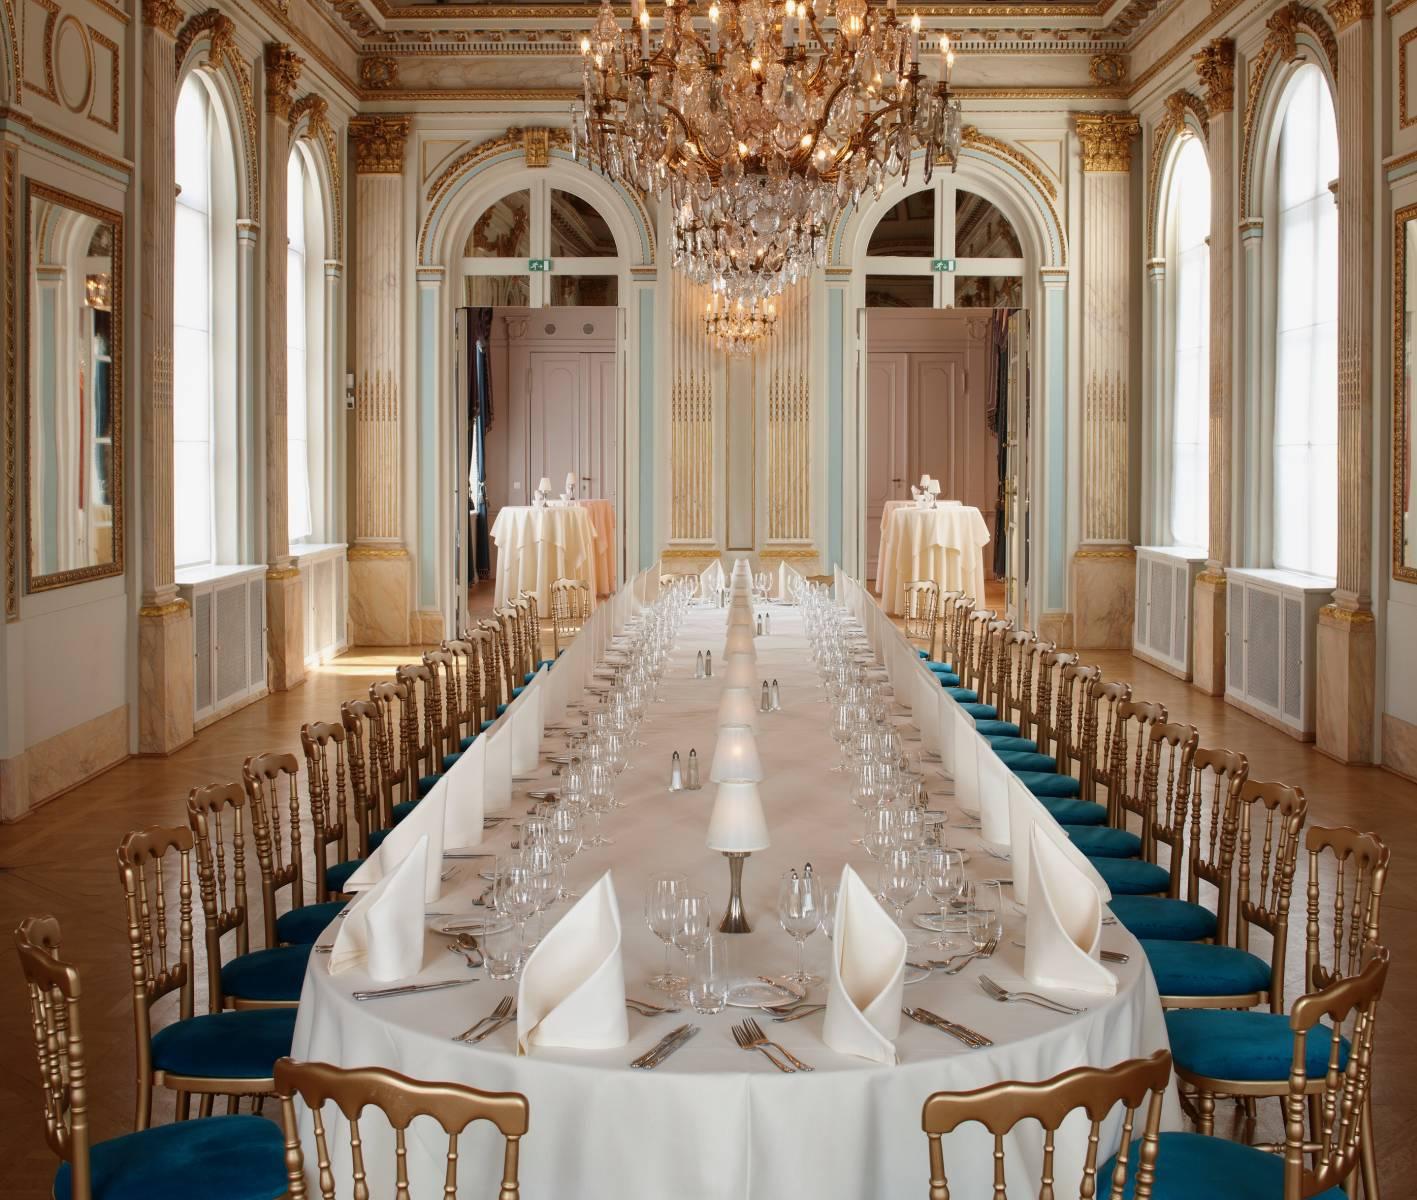 De Spiegelzaal - Feestzaal op de Meir - Antwerpen - House of Weddings - 19